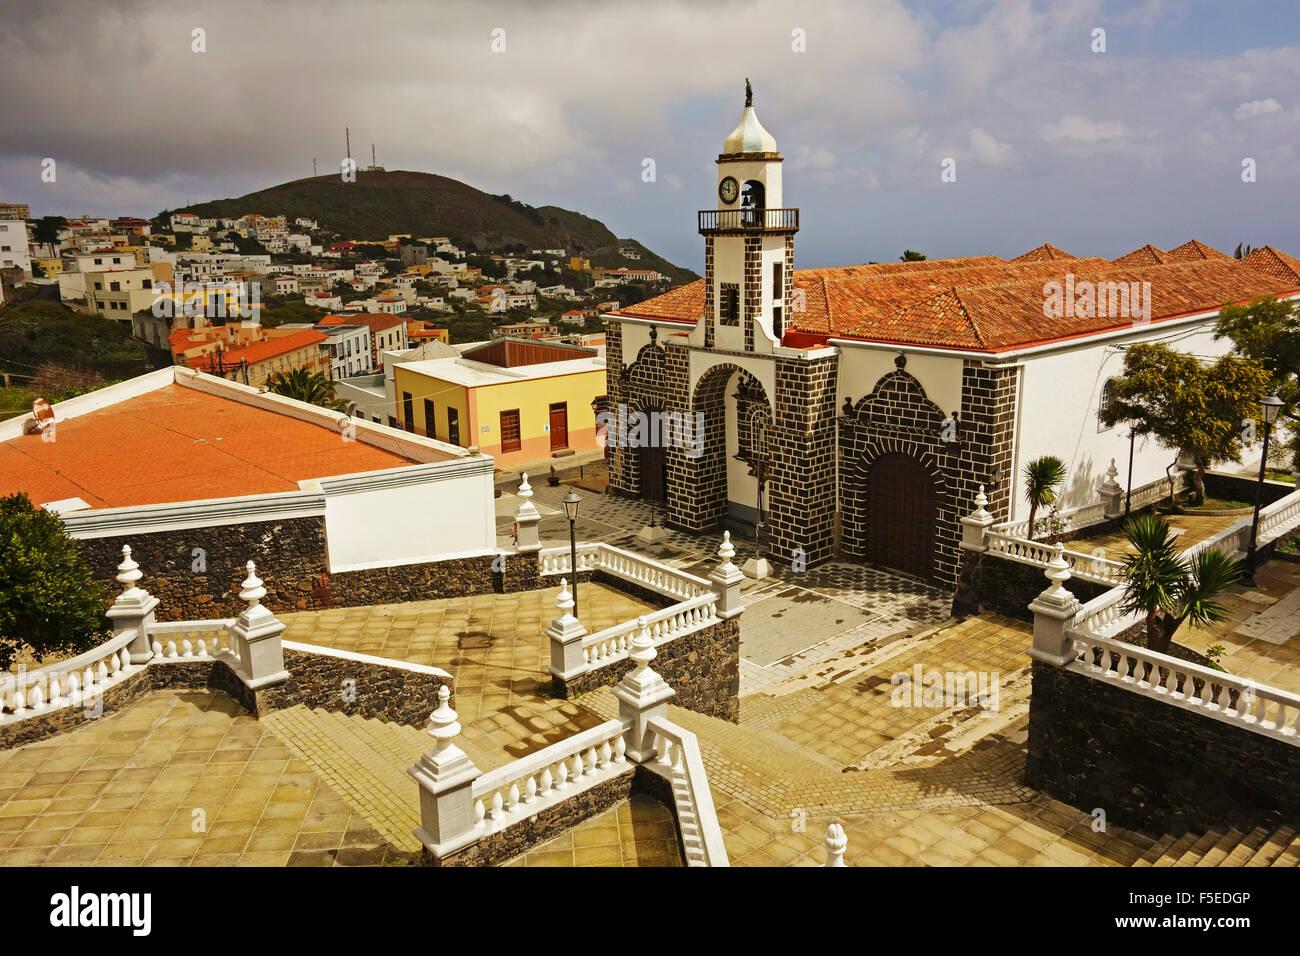 Iglesia Santa Maria de la Concepcion, Valverde, El Hierro, Canary Islands, Spain, Europe - Stock Image